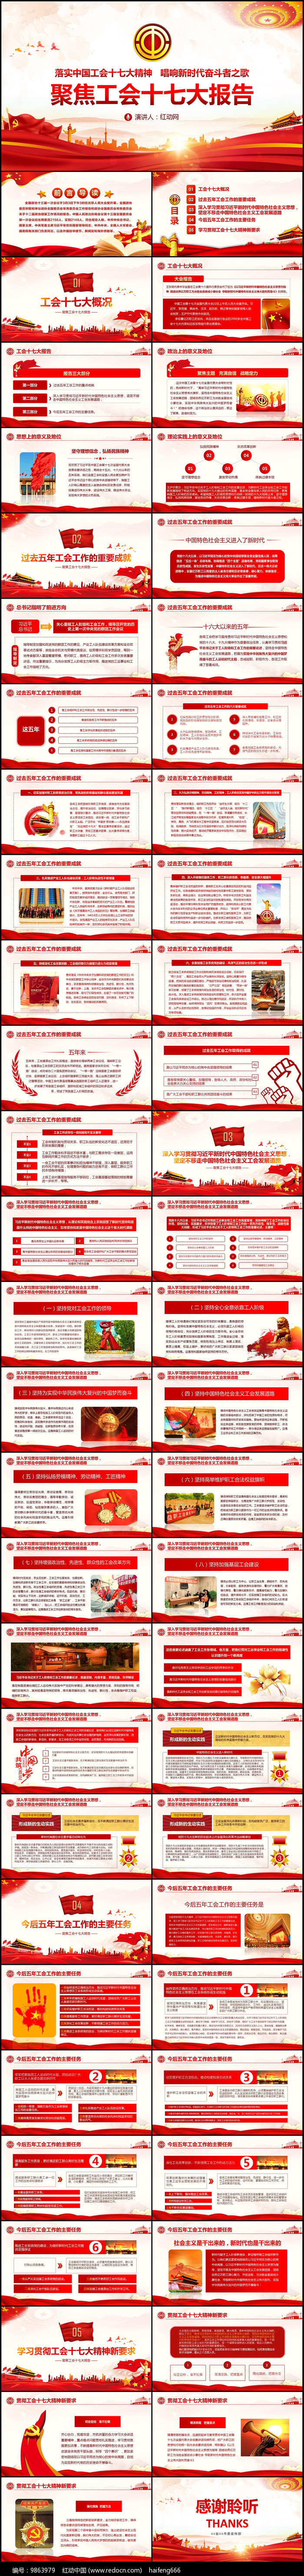 最新中国工会十七大精神解读PPT图片